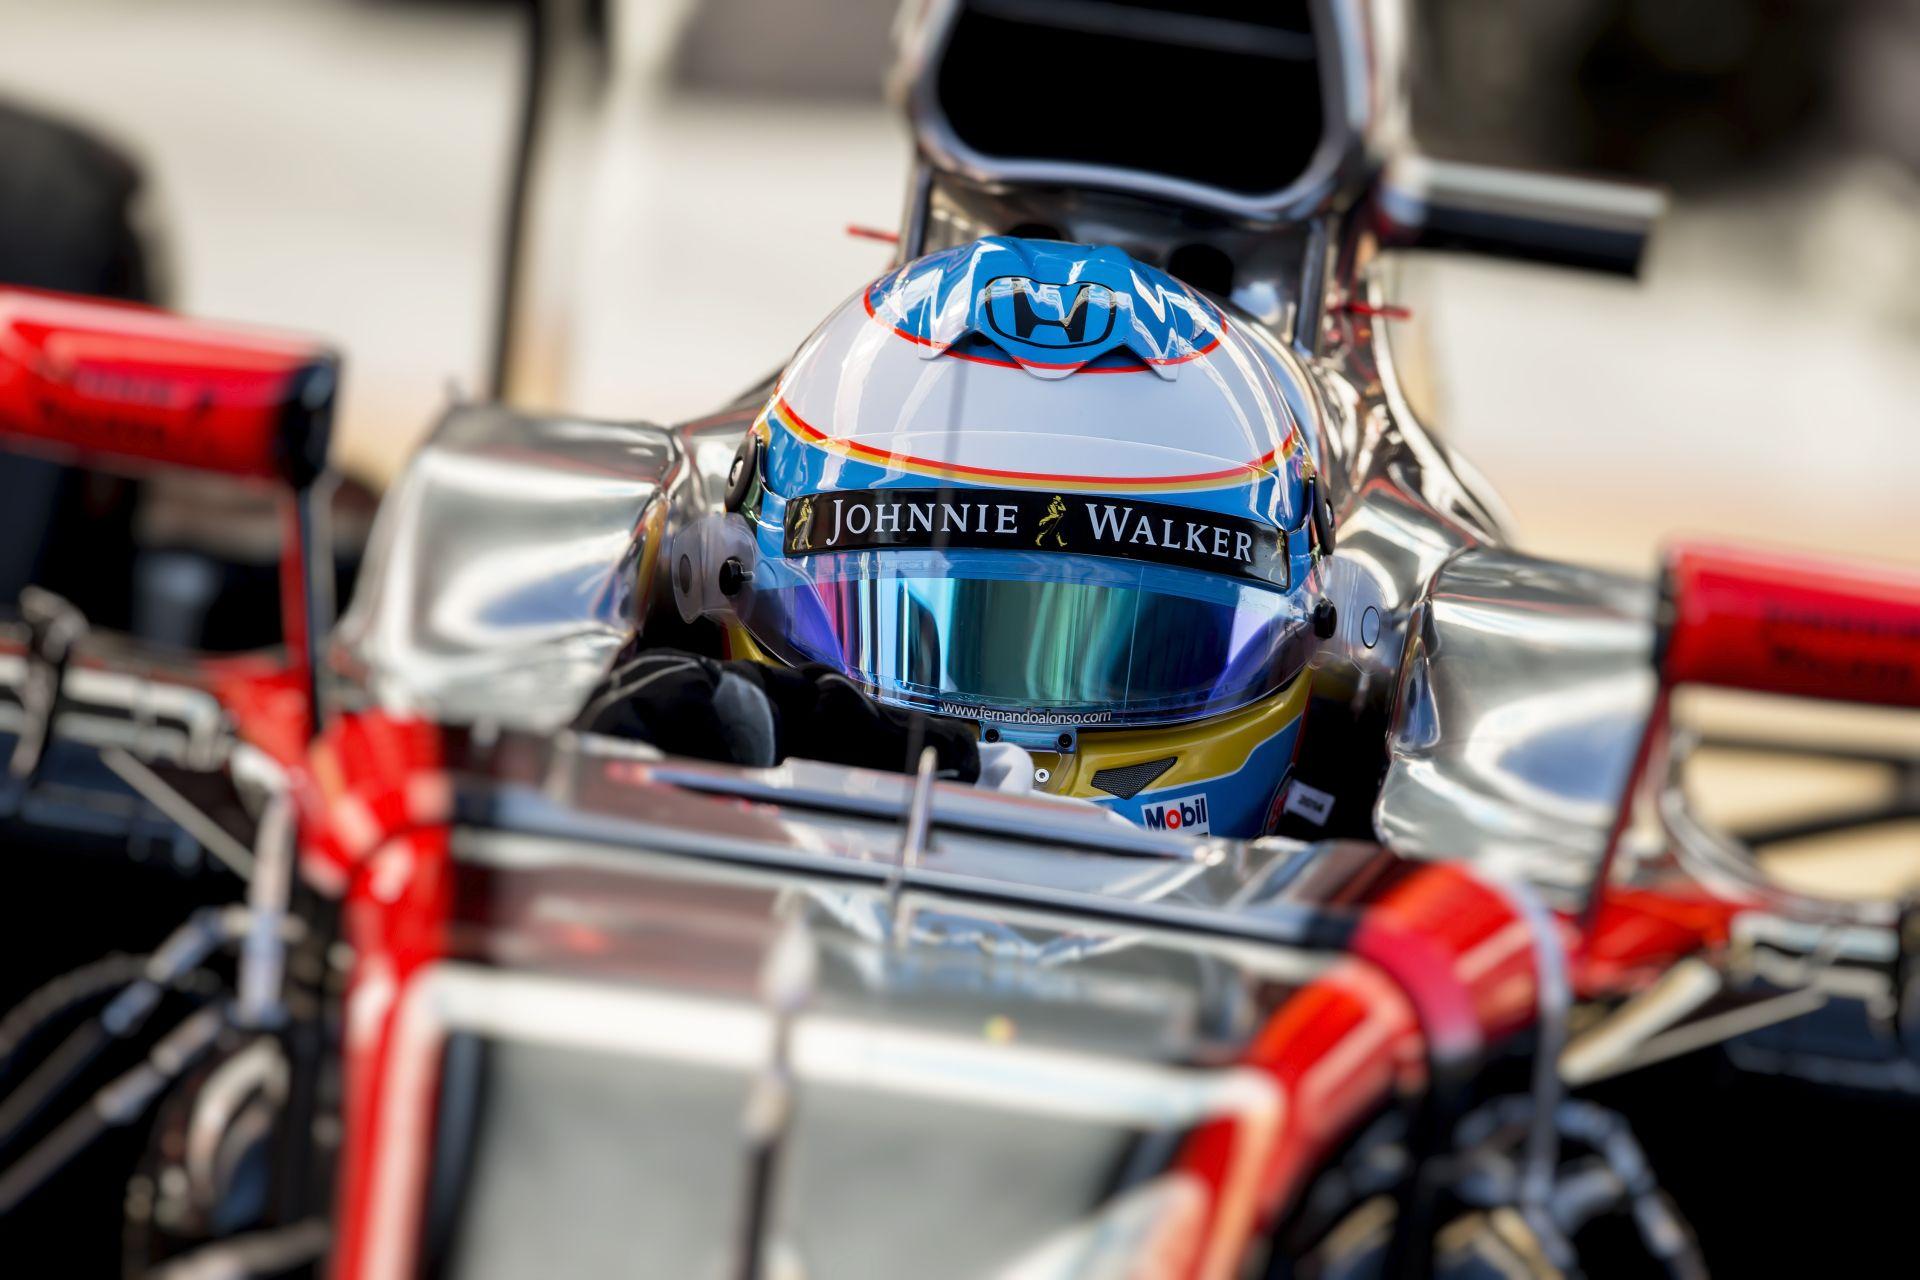 McLaren: Alonsónak valóban átmeneti emlékezetkiesése volt, és nem utazik el Ausztráliába